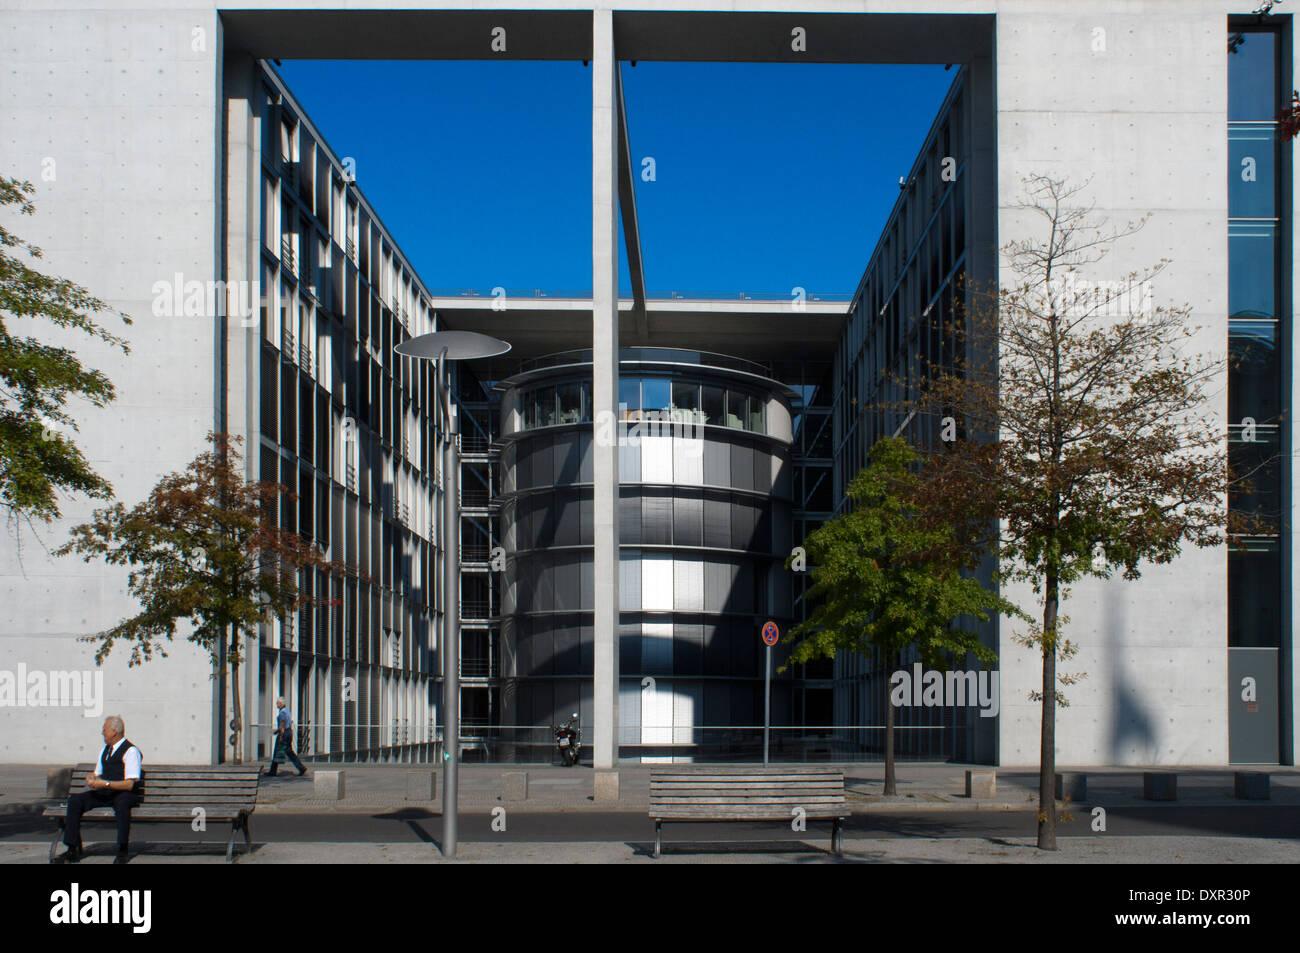 Paul Loebe House, Allemagne, Berlin. Le verre-et-béton Paul-Löbe-Haus abrite des bureaux pour la validation parlementaire du Bundestag Banque D'Images